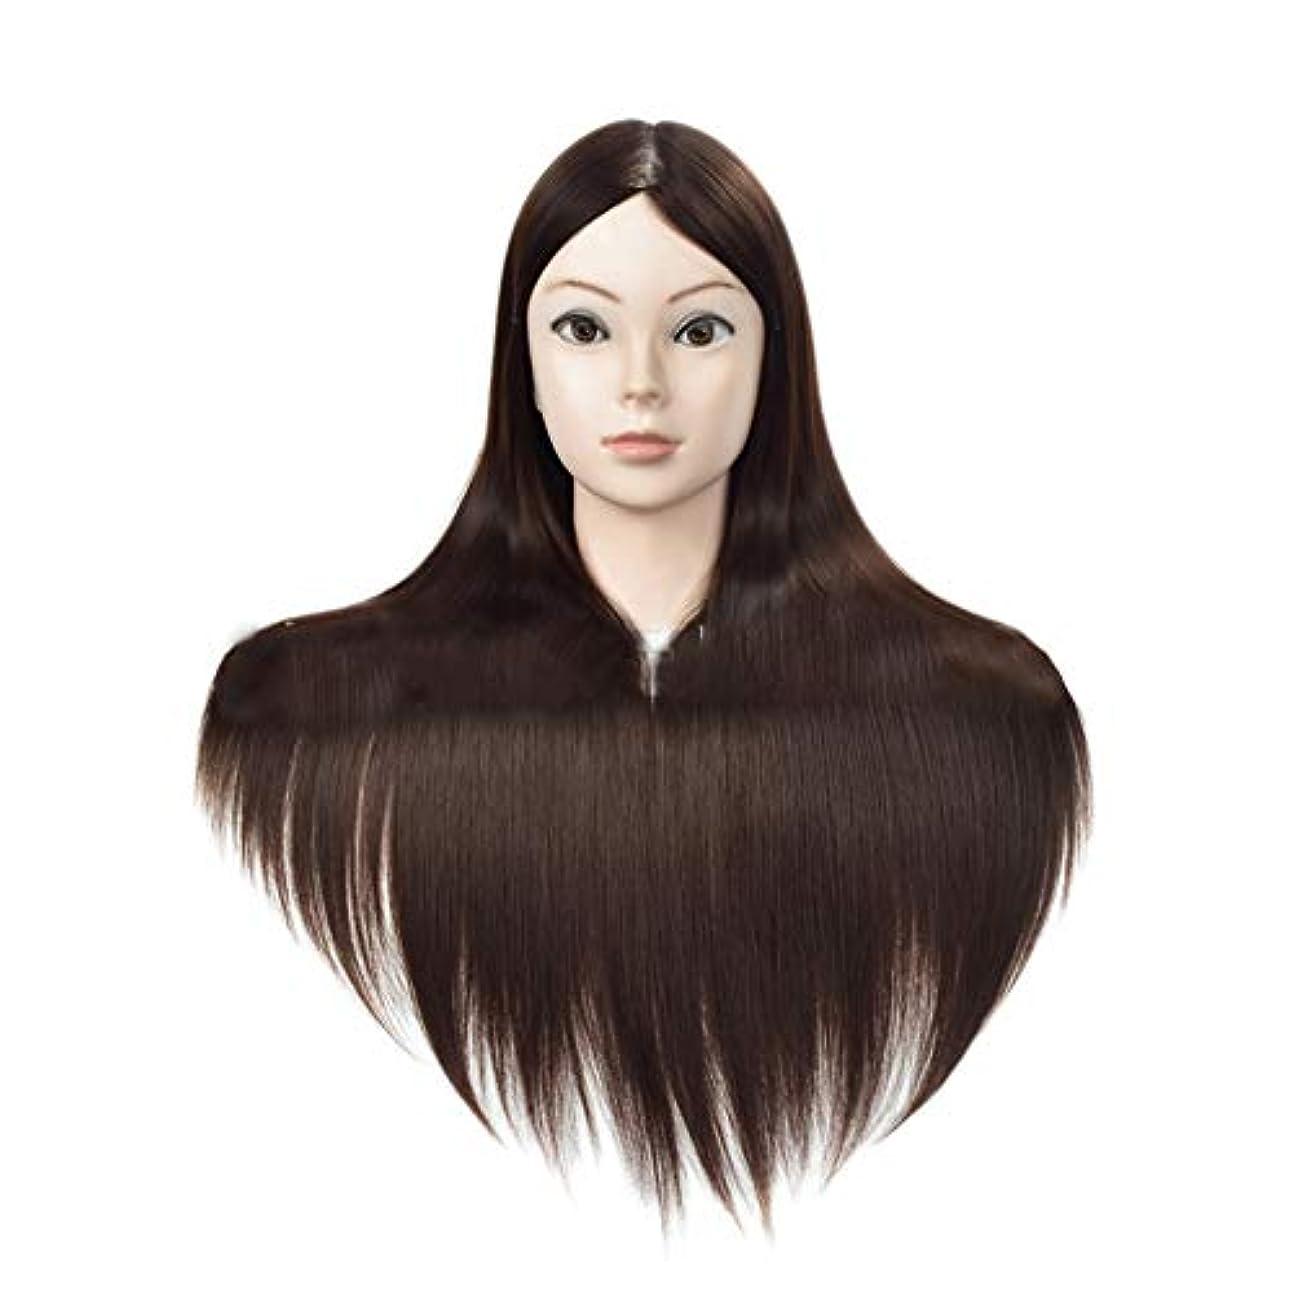 情報不振強要髪編組ヘアスタイリング練習ヘッド高温線毛ウィッグヘッド金型メイク学習訓練ダミーヘッド